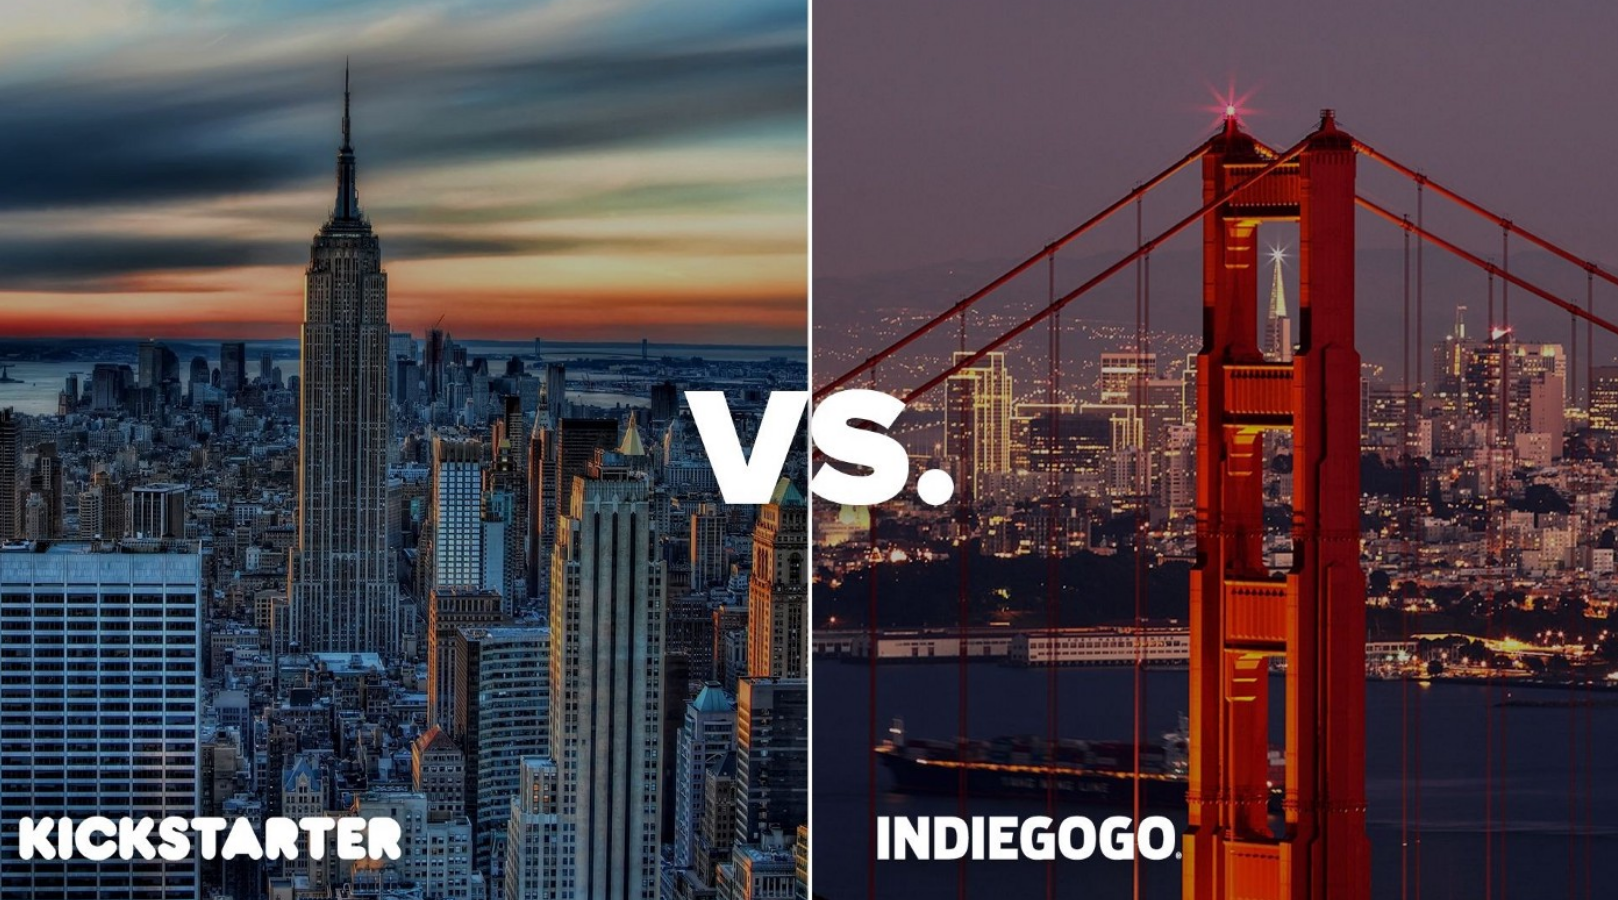 Лучшая краудфандинговая платформа в 2017 году: Kickstarter или Indiegogo? - 1